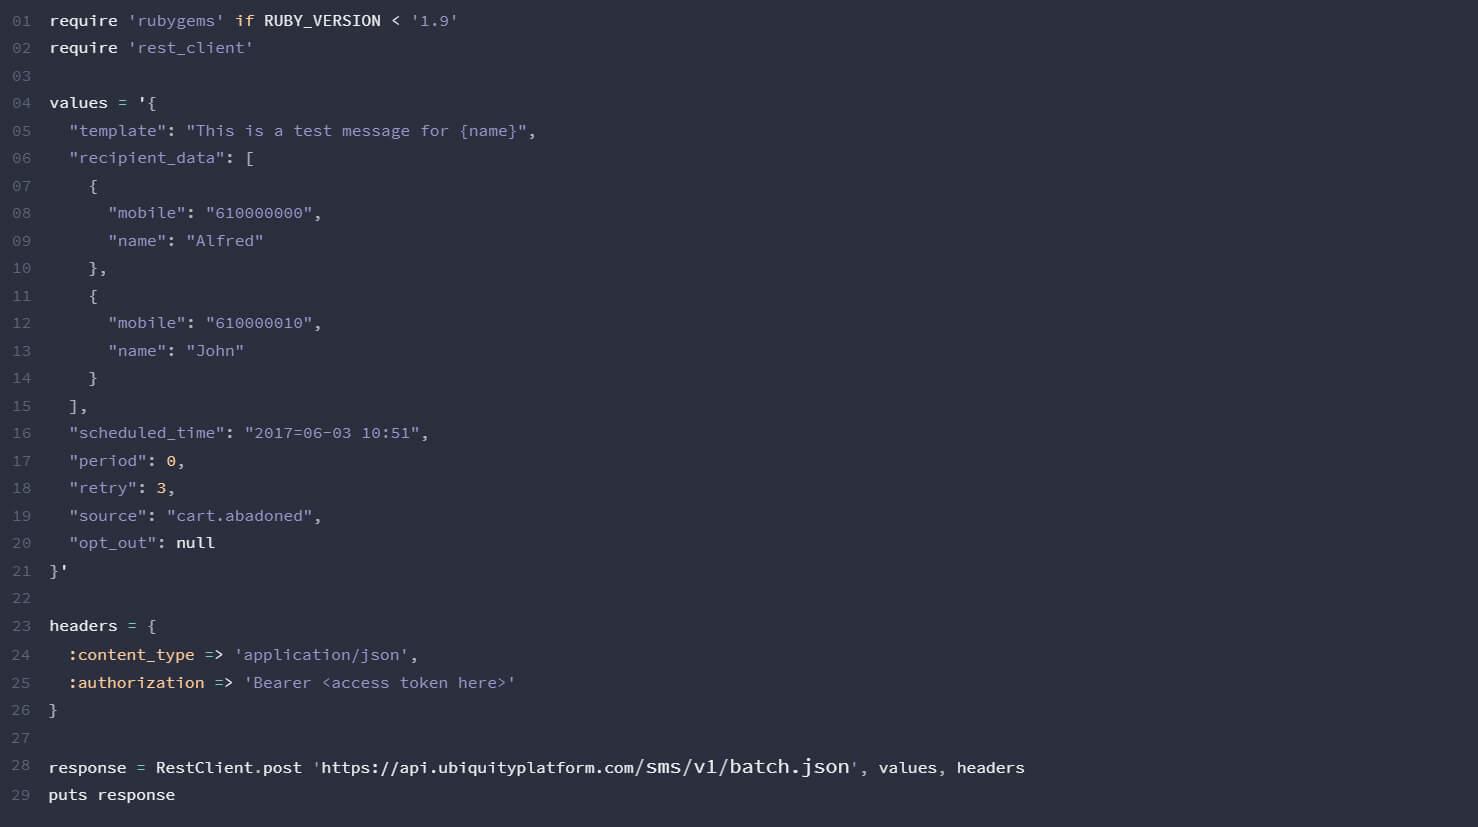 Ruby-SMS-API-Ubiquity-Platform-Gomeeki